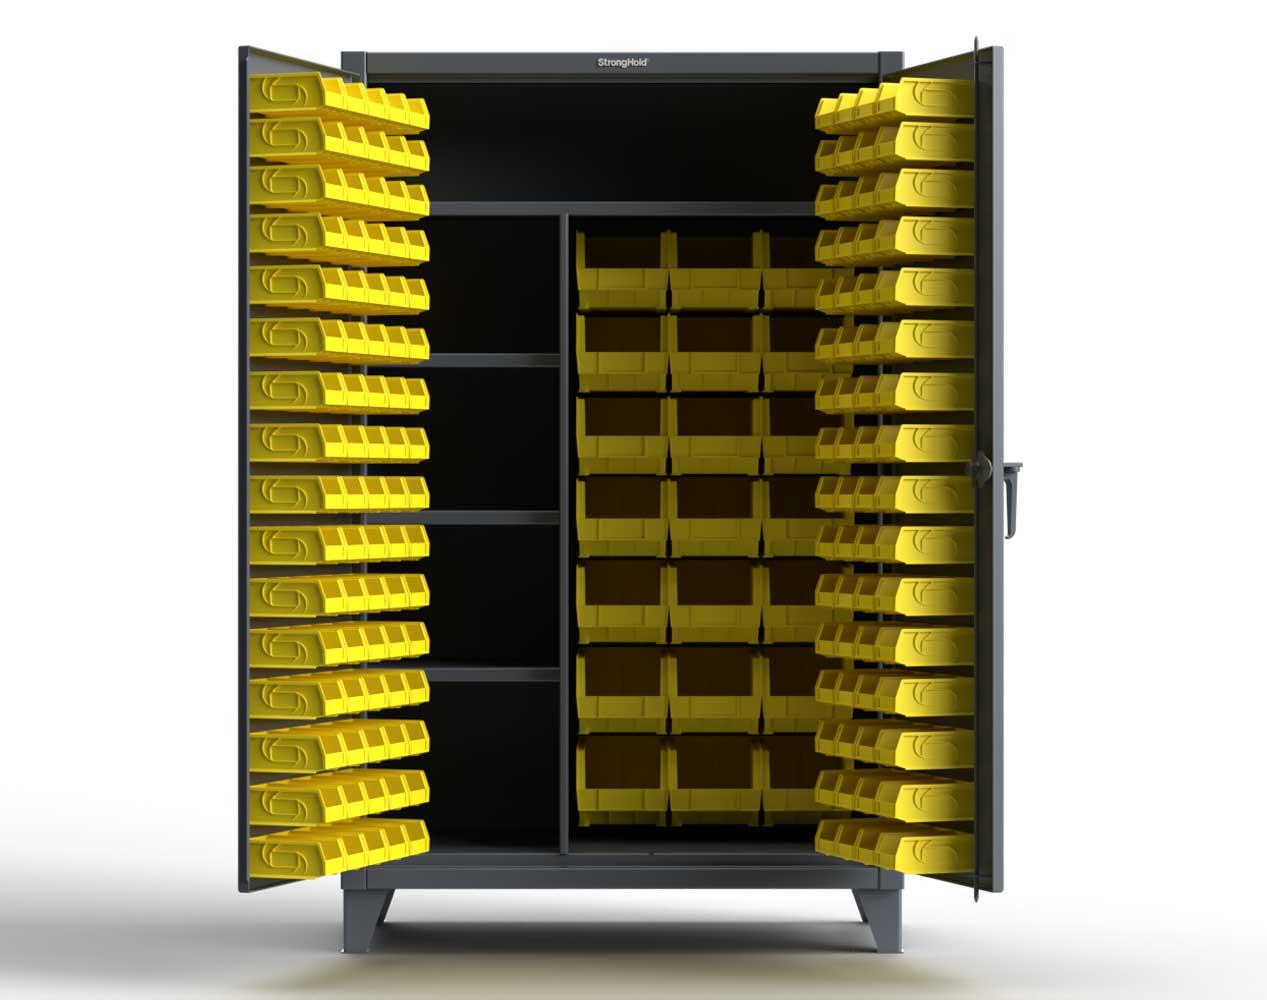 Extra Heavy Duty 12 GA Bin Cabinet with Multiple Sized Bins, 3 Half-Width Shelves, 1 Full-Width Shelf – 48 In. W x 24 In. D x 78 In. H